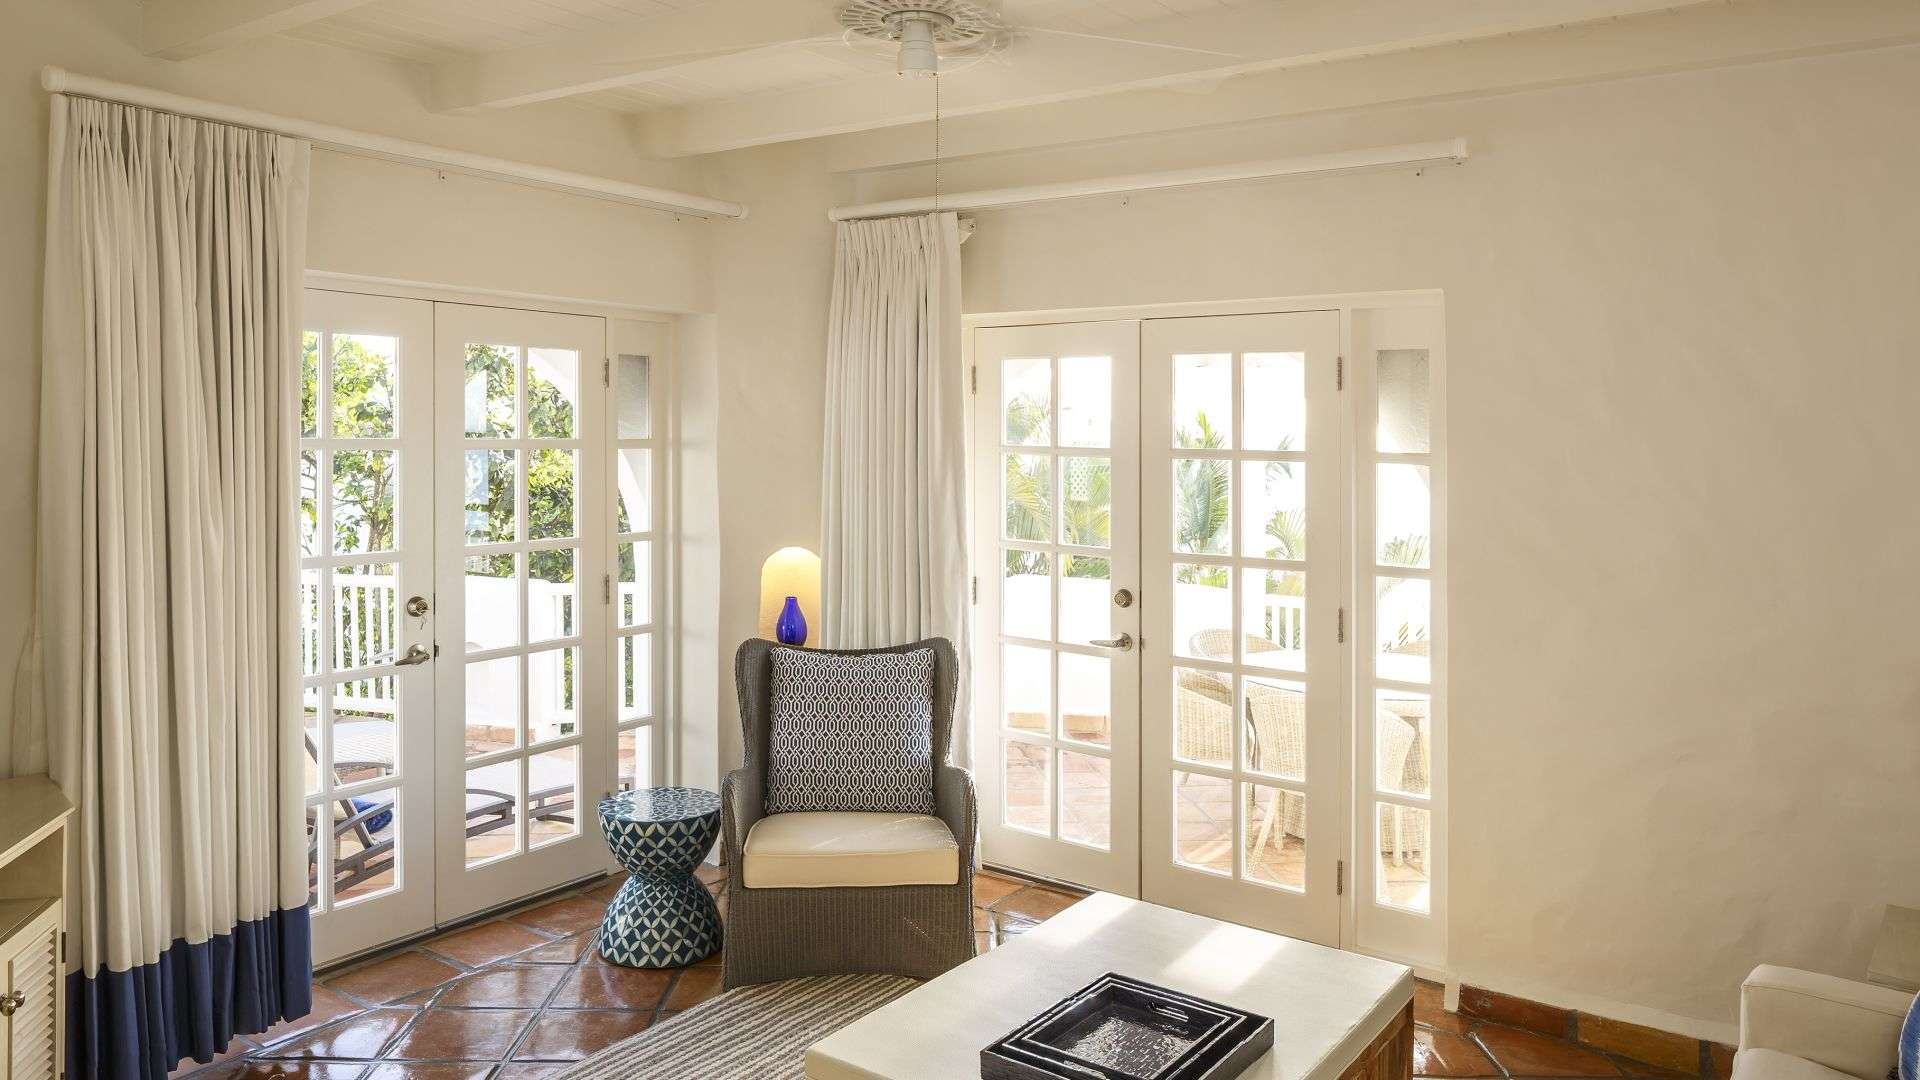 Luxury villa rentals caribbean - St lucia - Windjammer landing beach resort - Premium Ocean View | 1 Bedroom Villa - Image 1/5